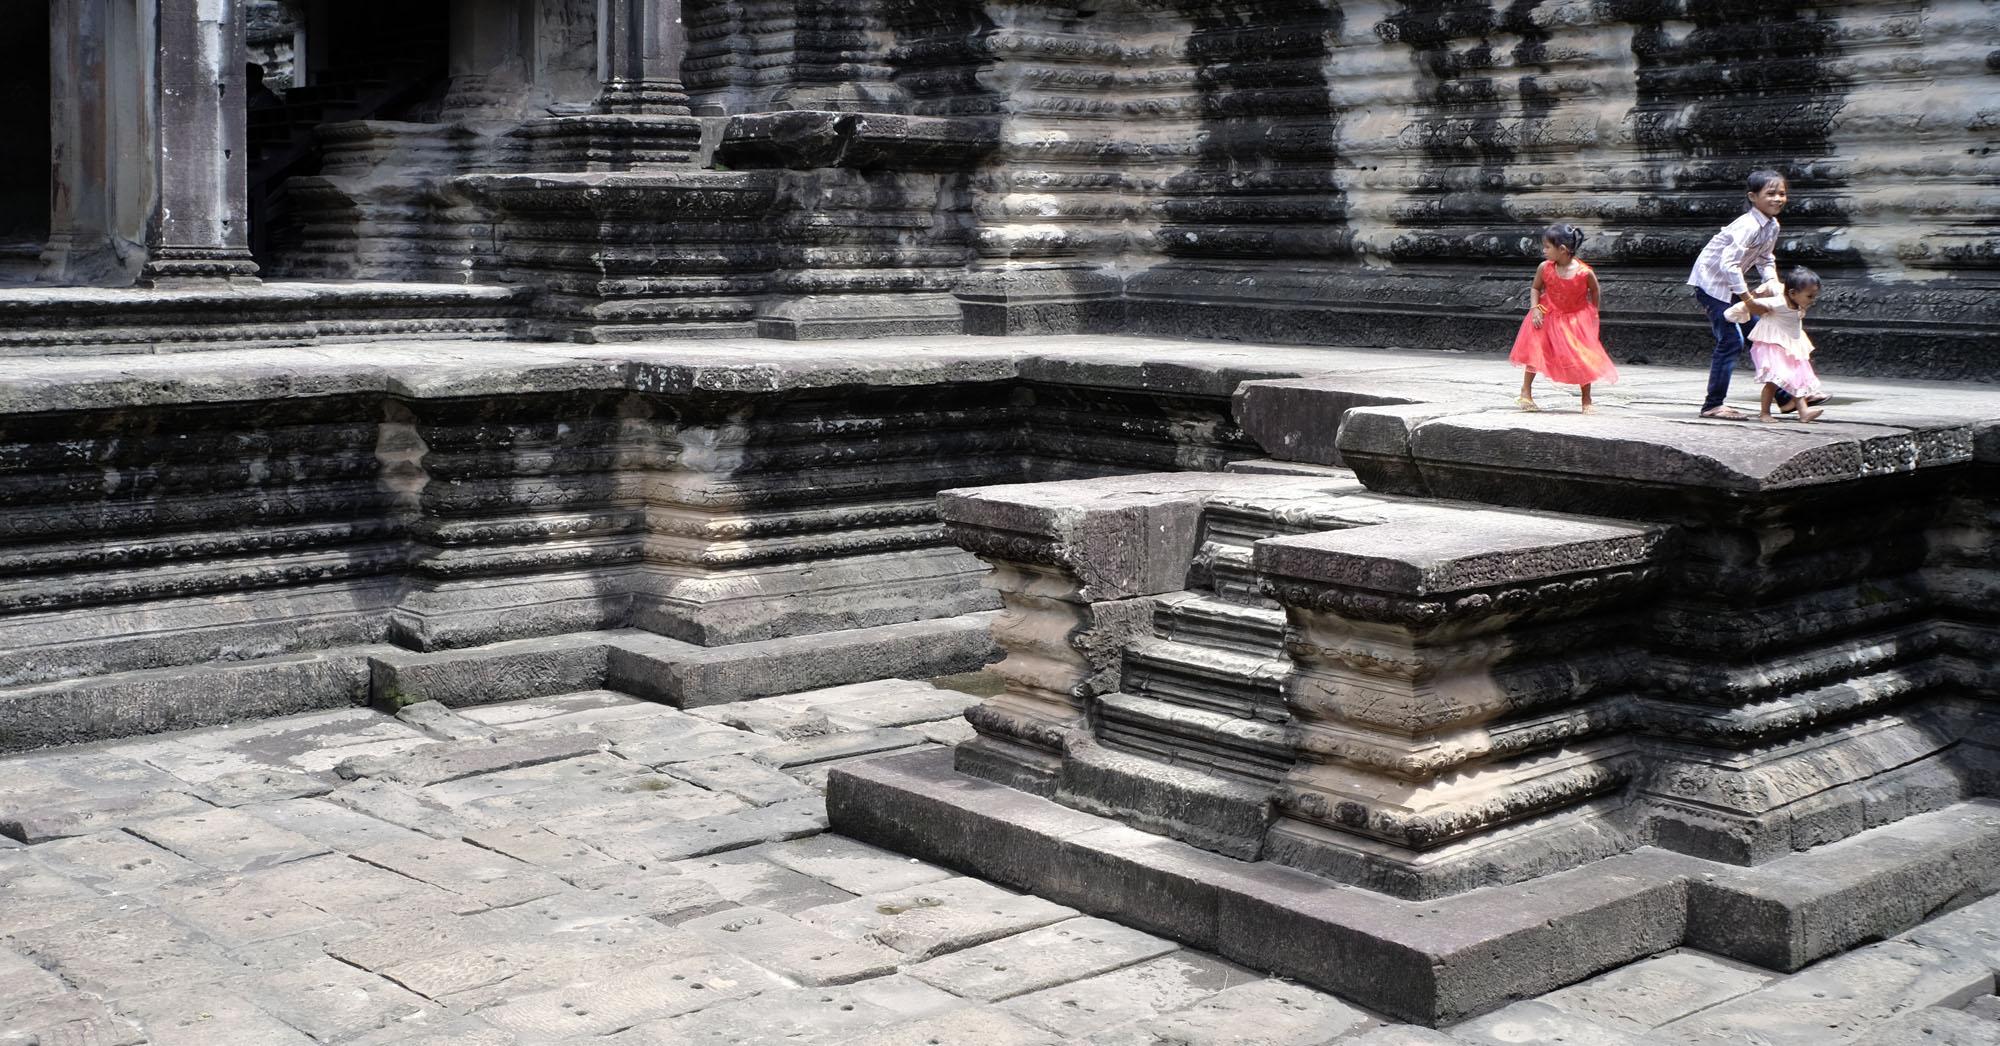 reise-ansichten Angkor Wat Wasserbecken